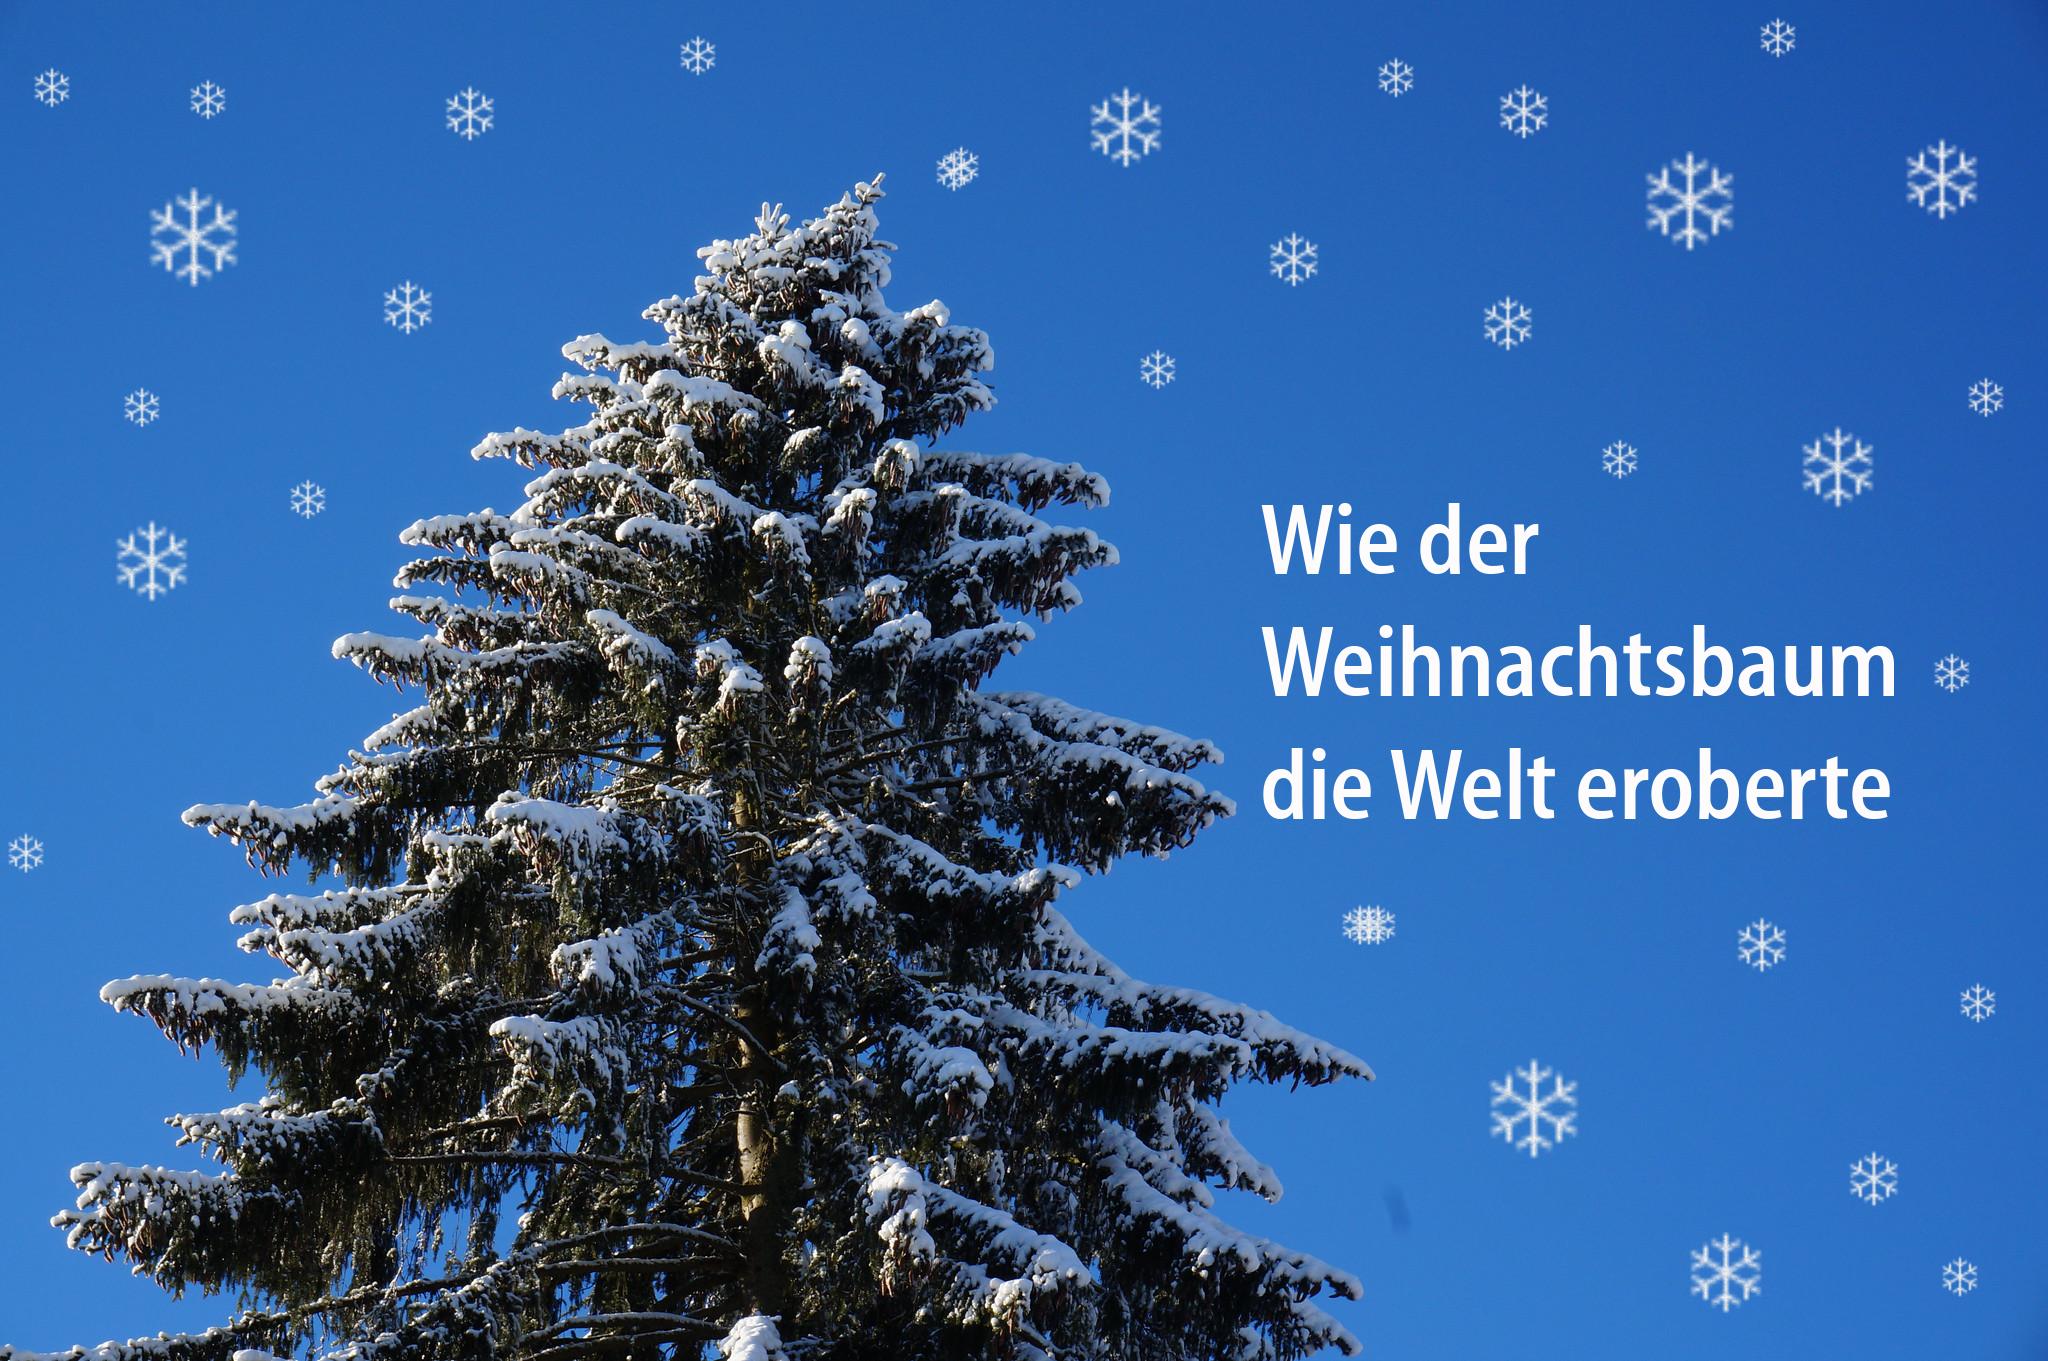 Hündchenstellung der Deutschen im verschneiten Wald